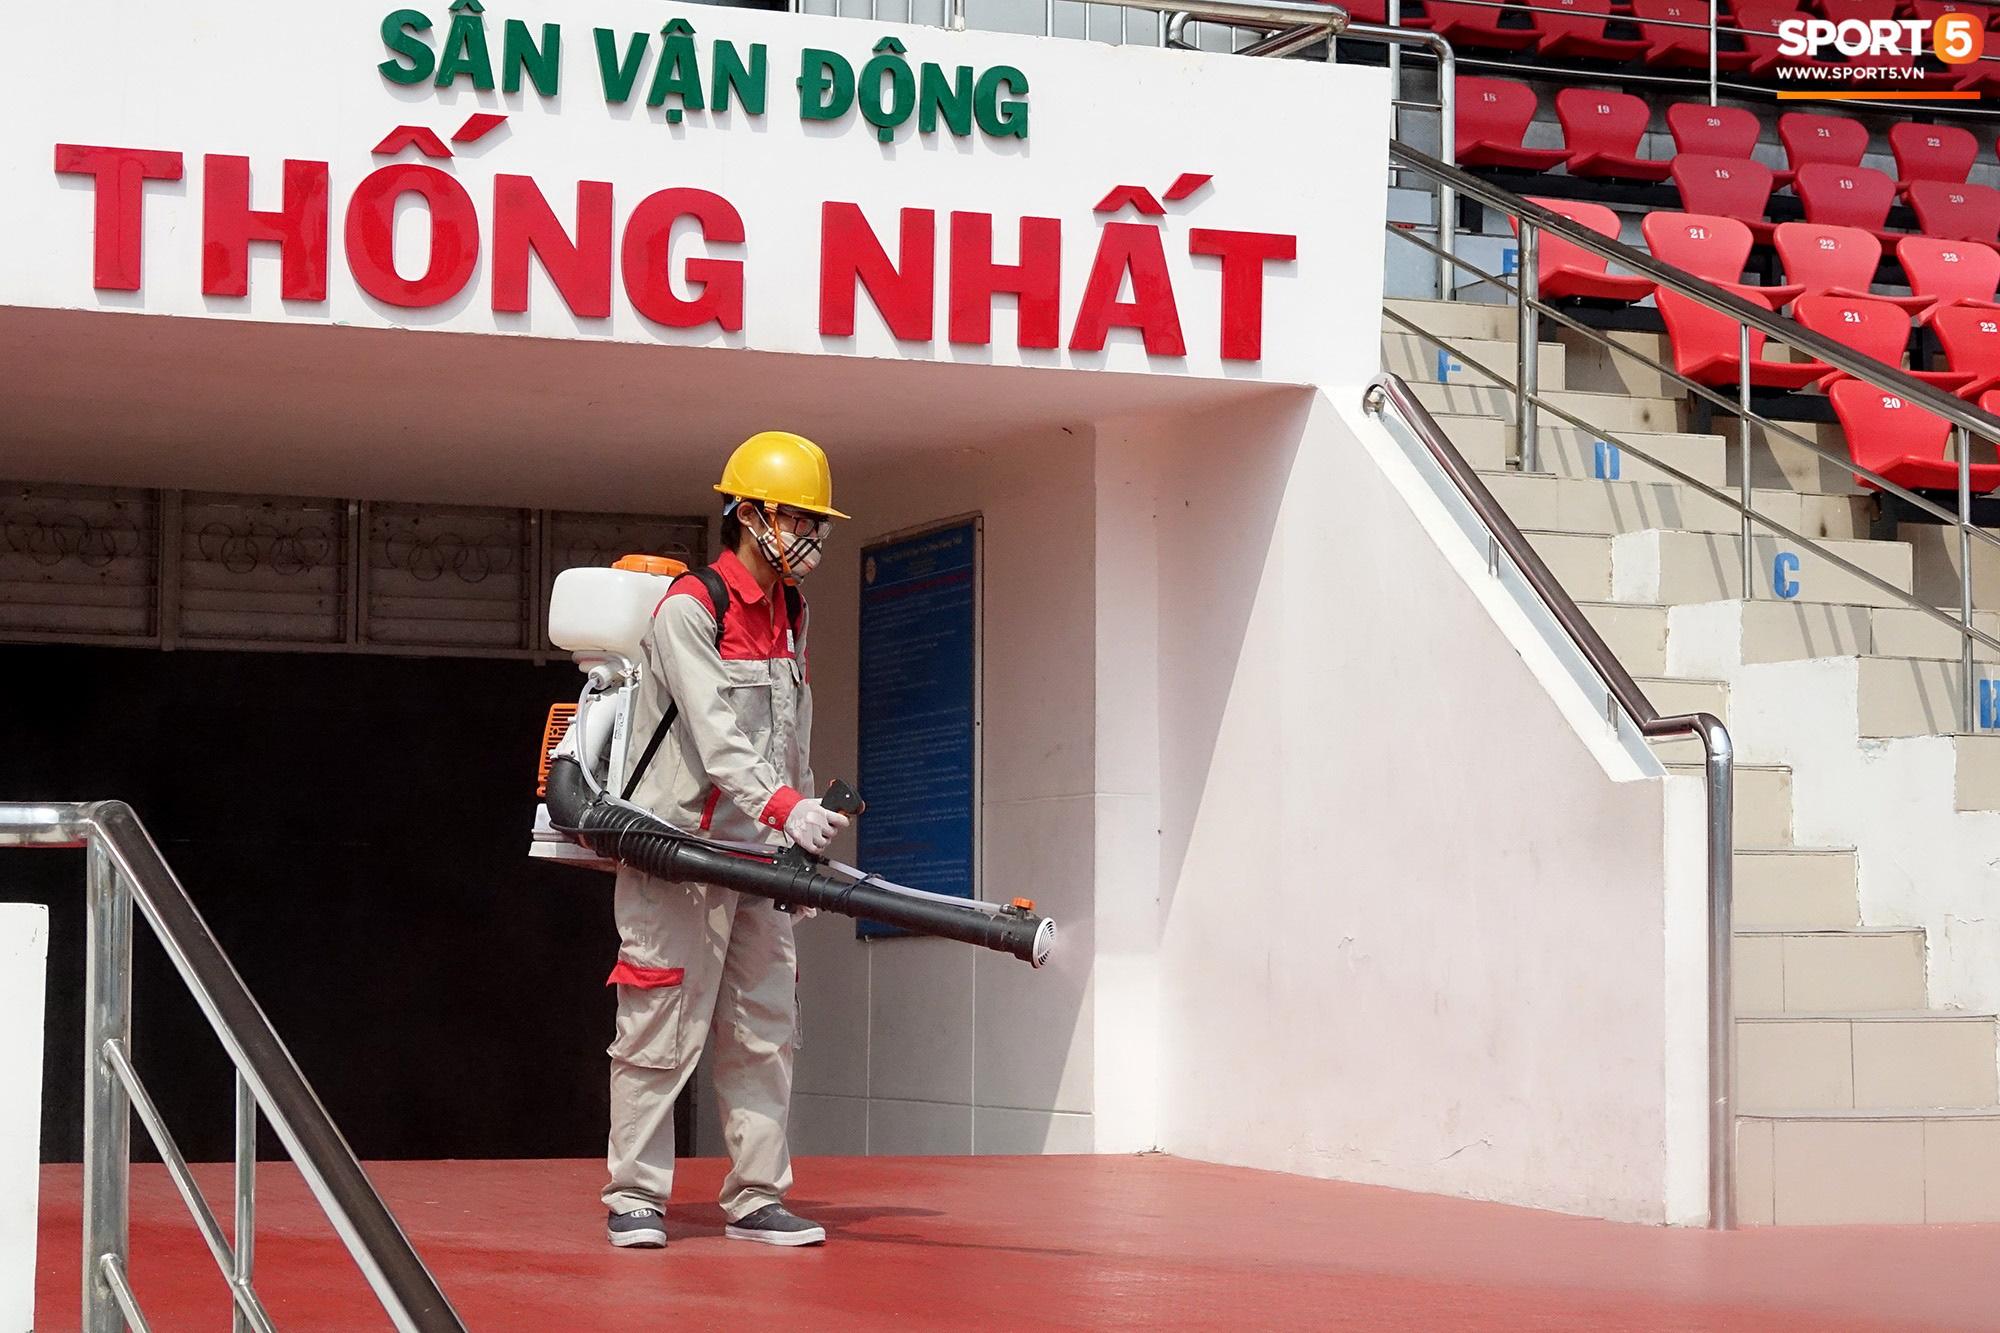 Sân Thống Nhất phun khử khuẩn trước trận đấu có HLV Park Hang-seo dự khán - Ảnh 8.